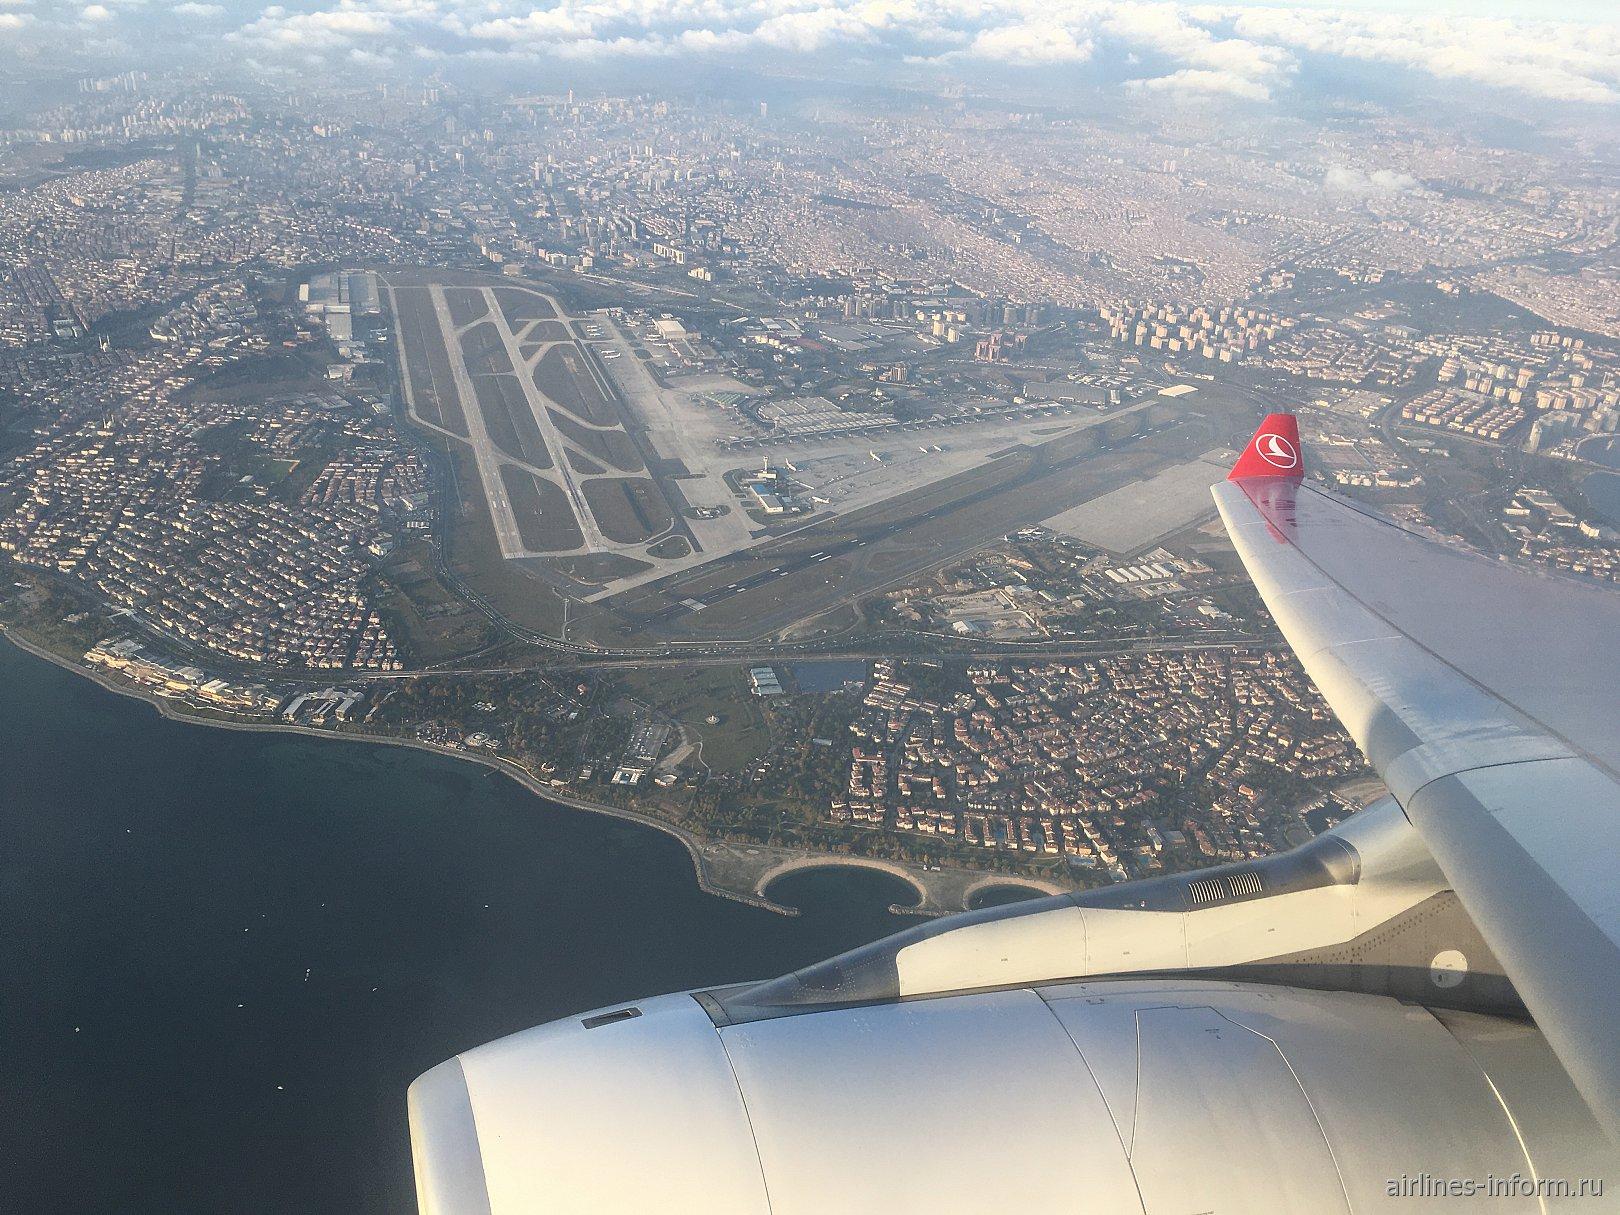 Вид из самолета на аэропорта имени Ататюрка в Стамбуле